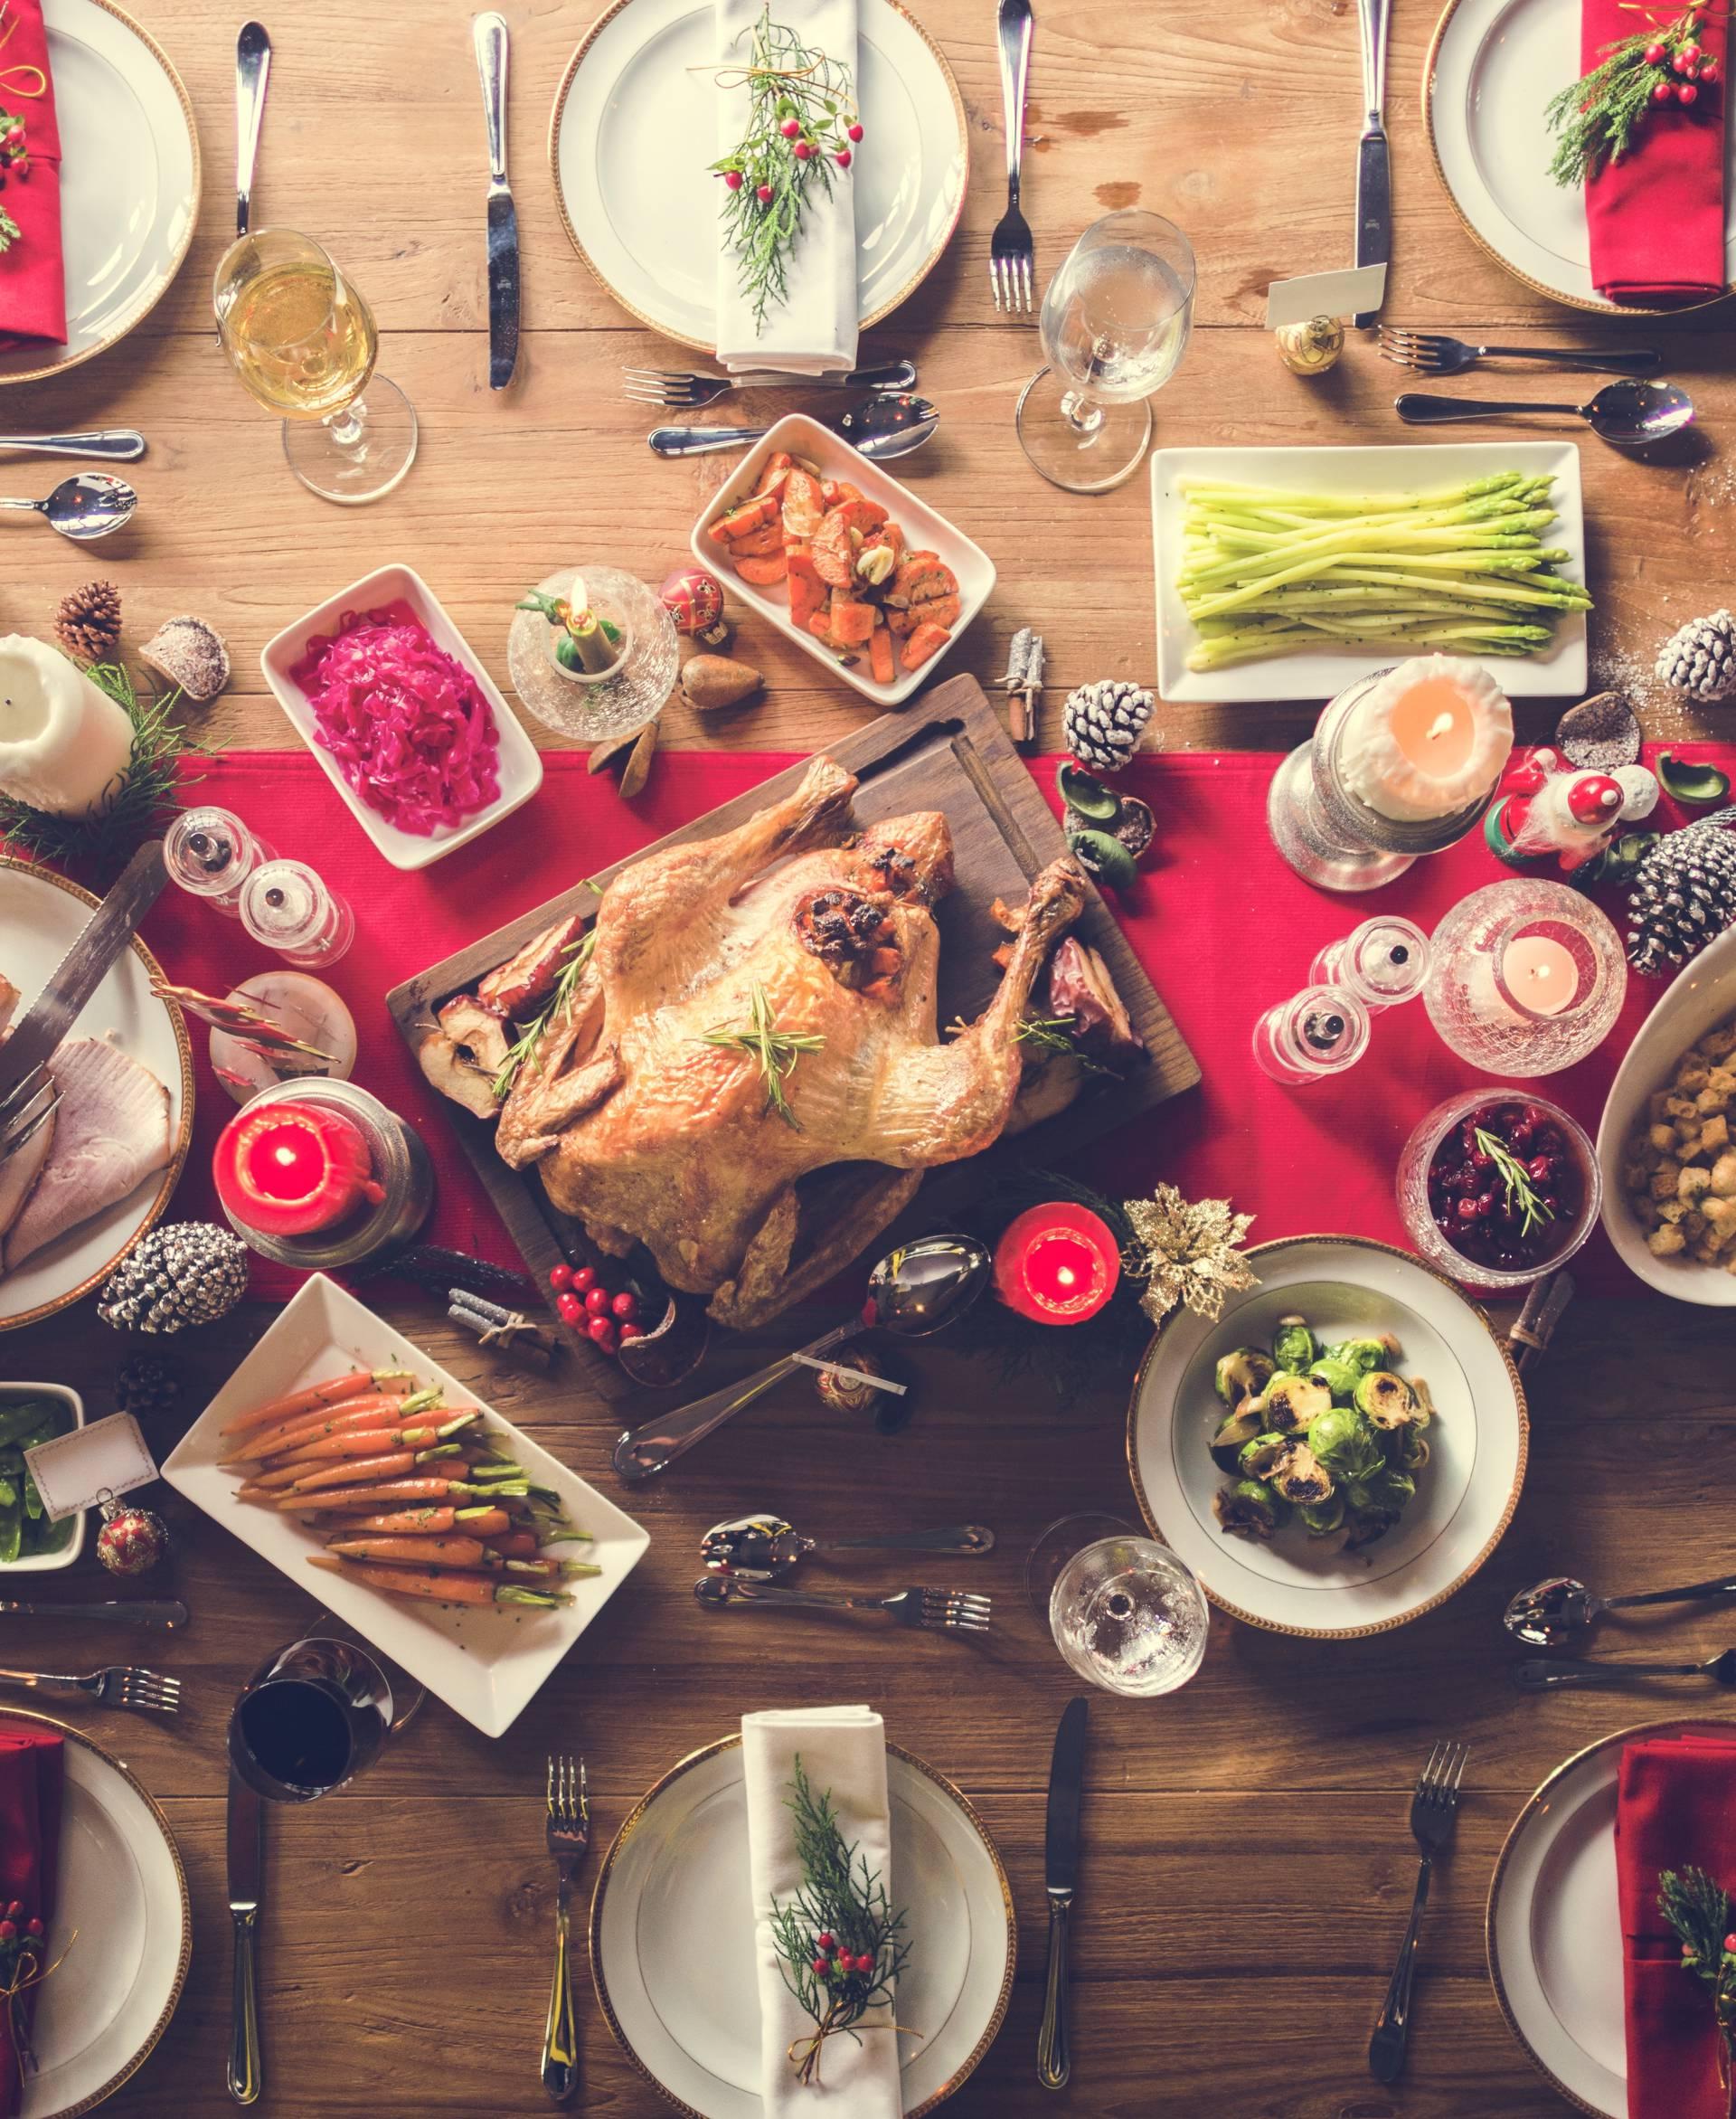 Iskoristite svu hranu od Božića - evo što s mesom i kolačima